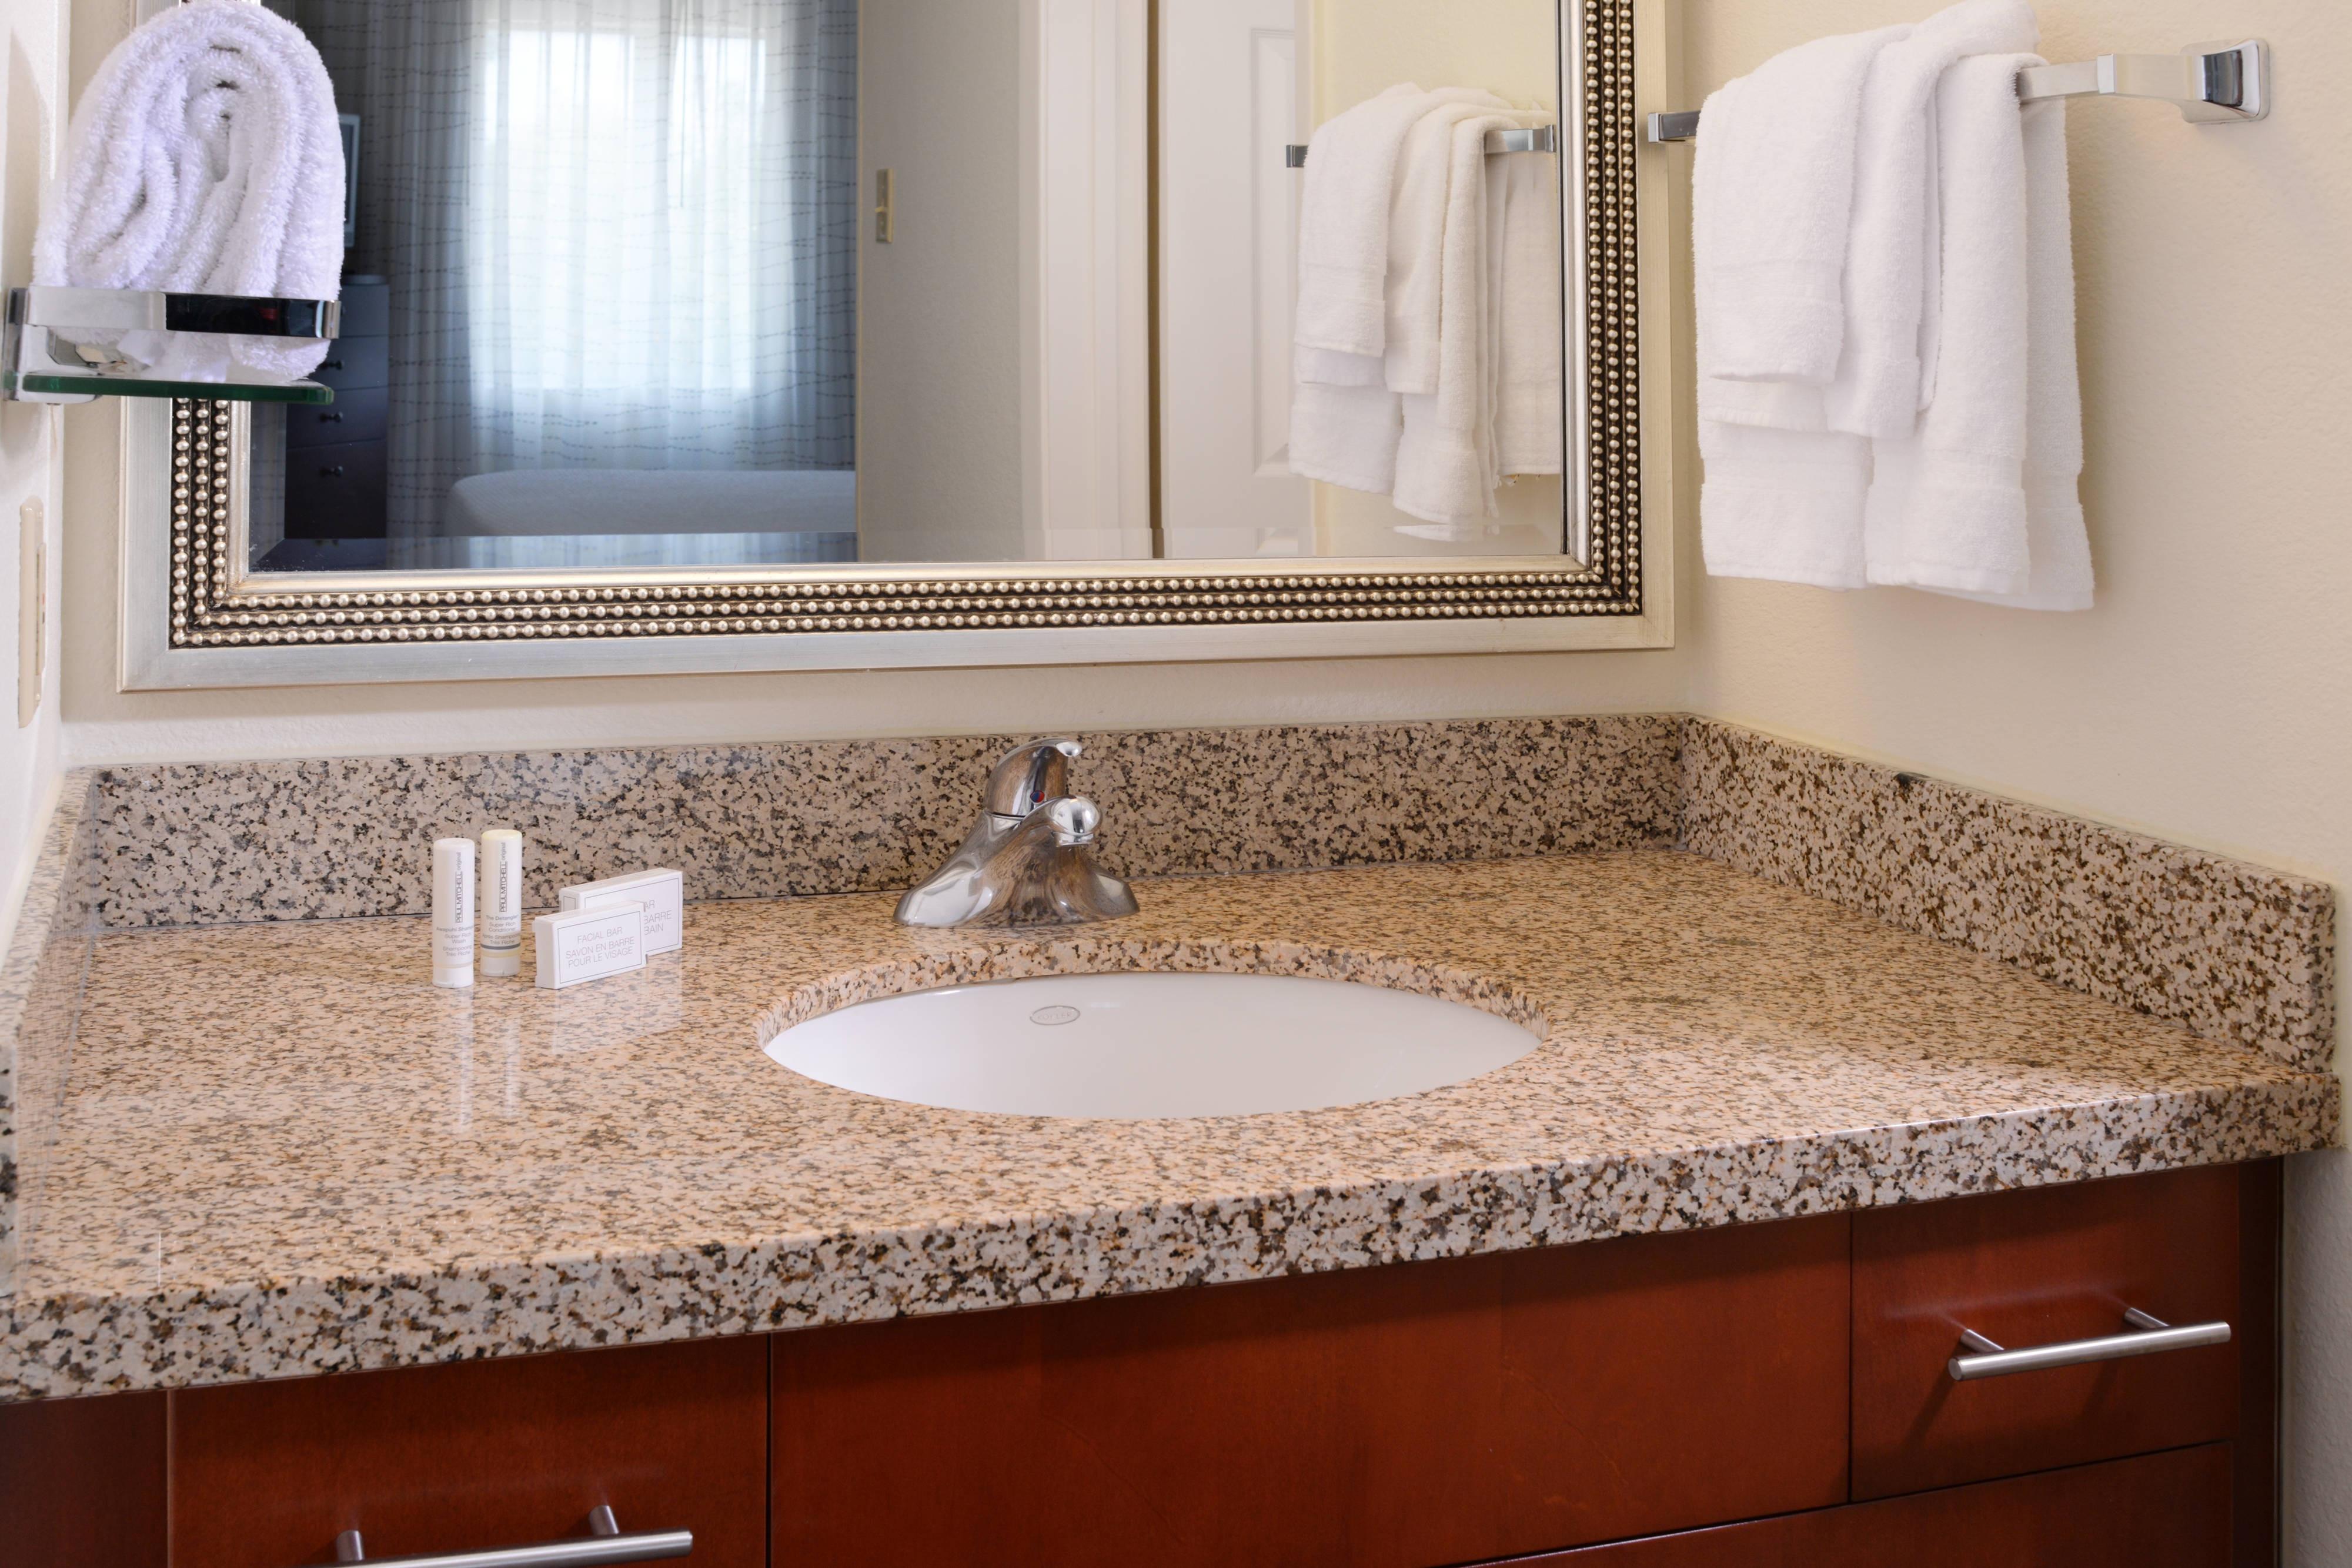 Baño de la habitación del hotel en Dallas, TX